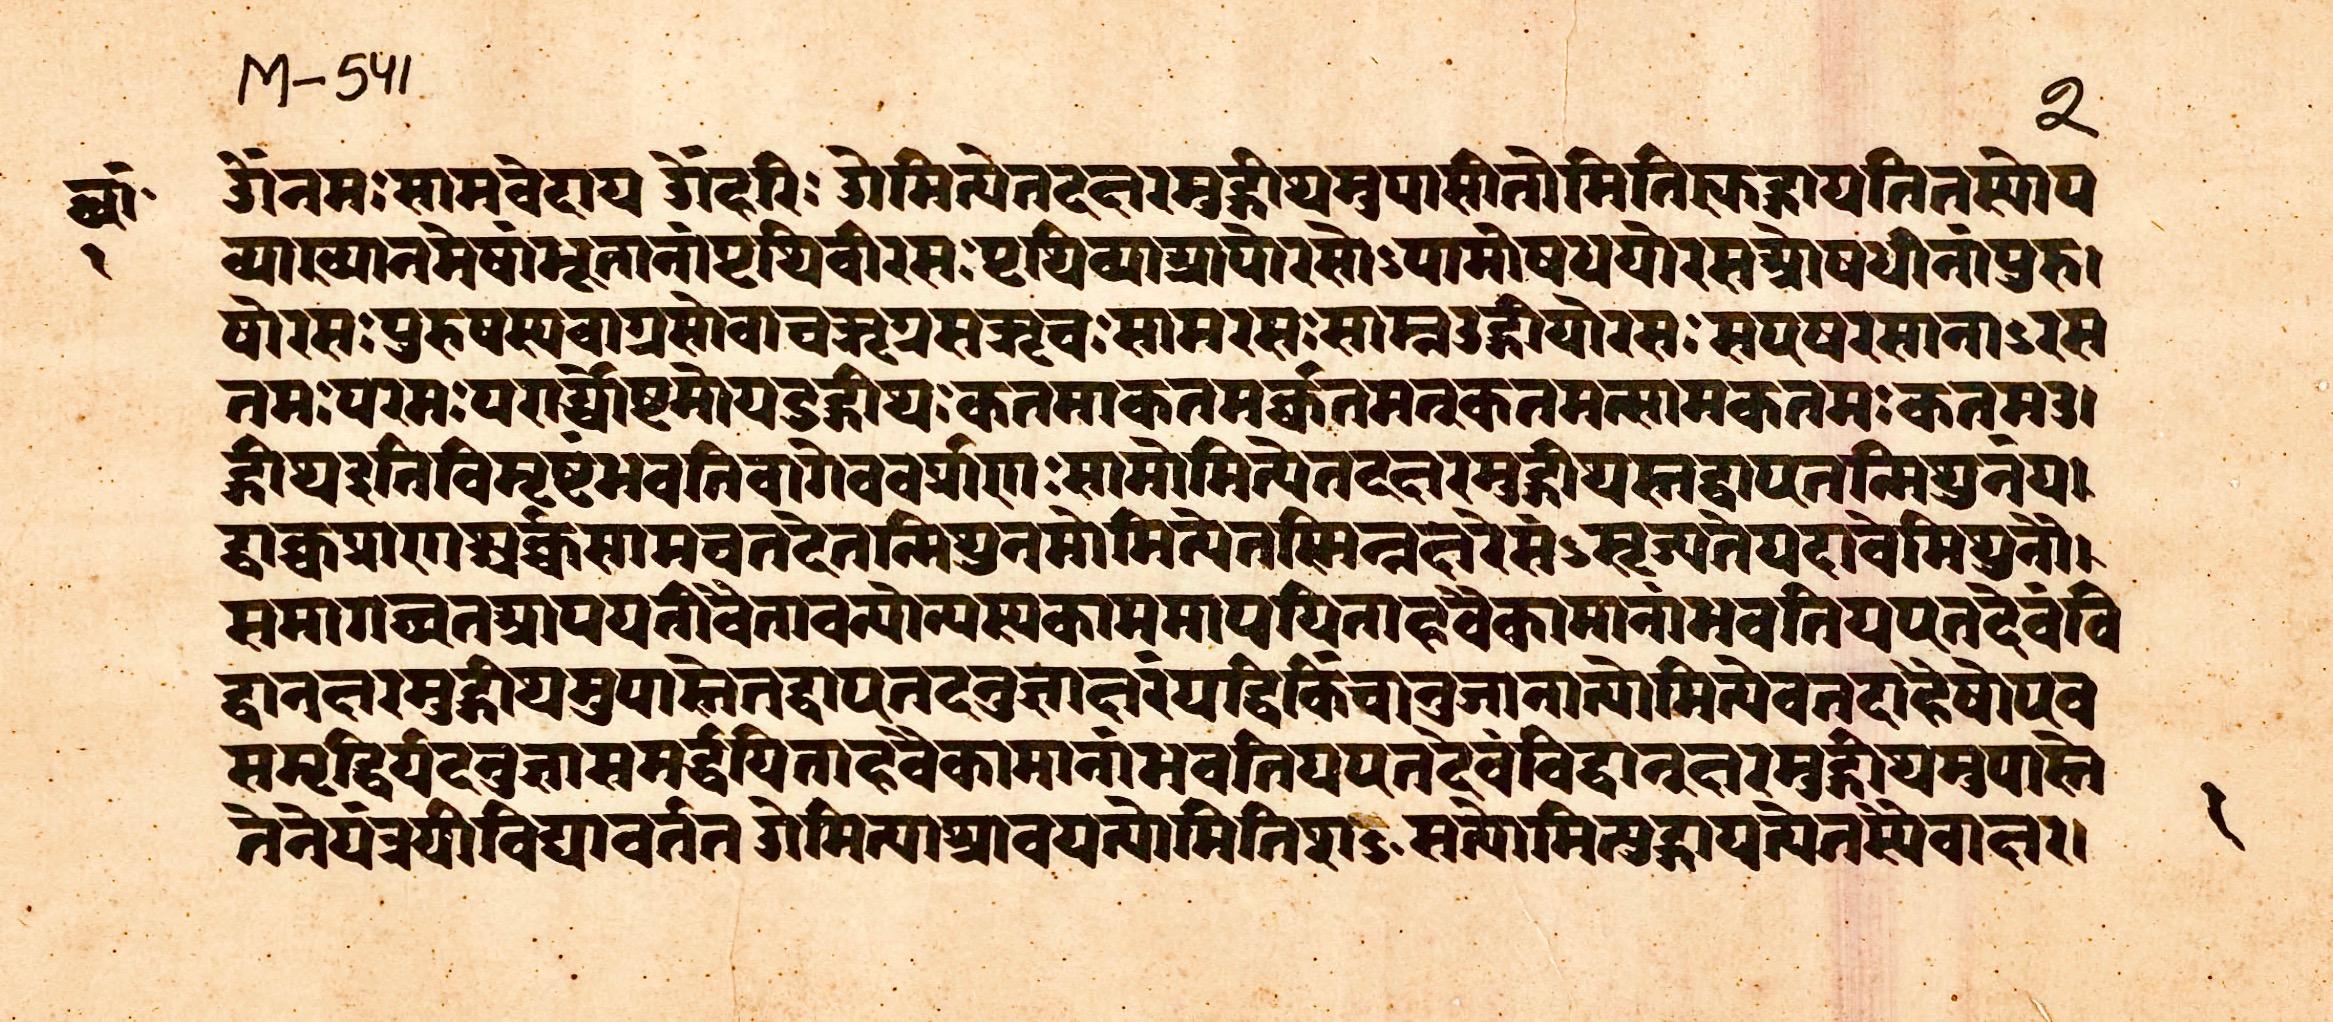 File:Chandogya Upanishad verses 1 1 1-1 1 9, Samaveda, Sanskrit